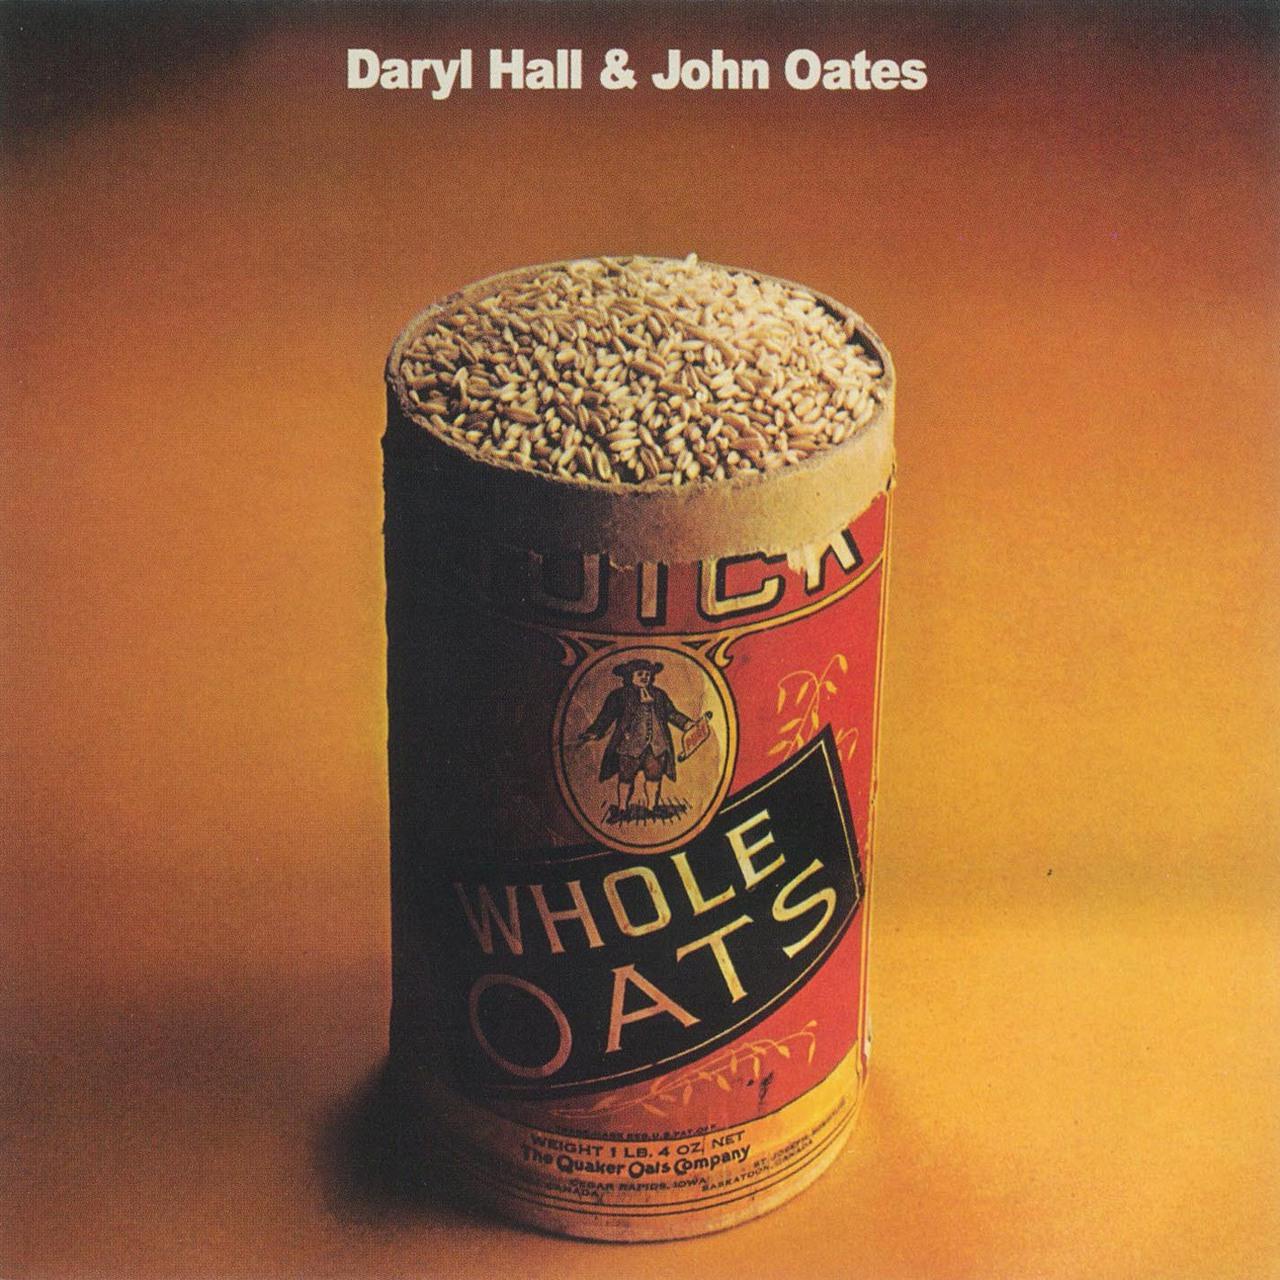 Hall&Oates_WholeOates.jpg